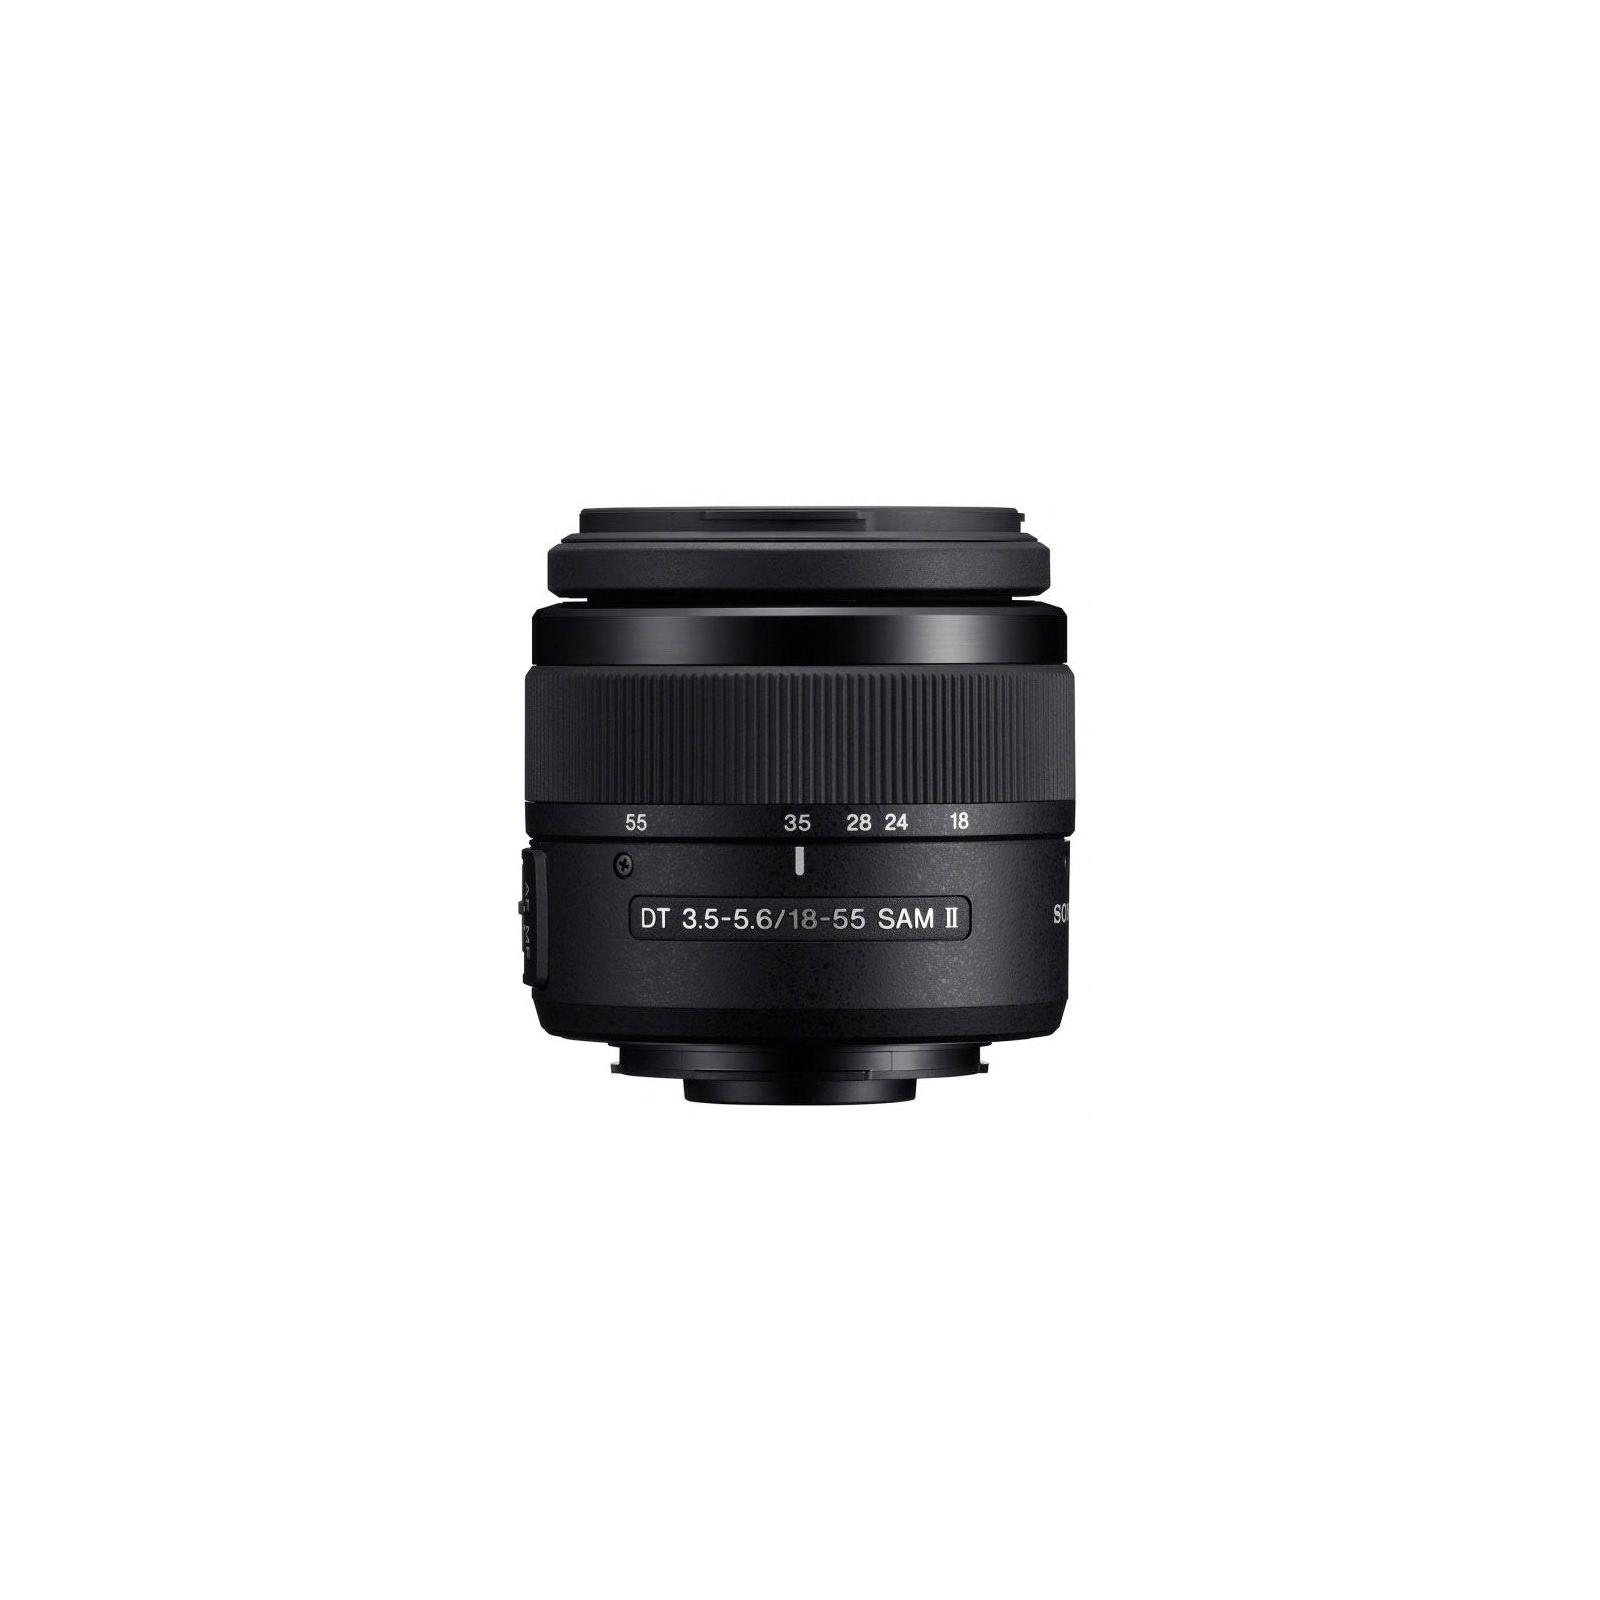 Объектив SONY 18-55mm f/3.5-5.6 II DSLR/SLT (SAL1855-2.AE) изображение 2